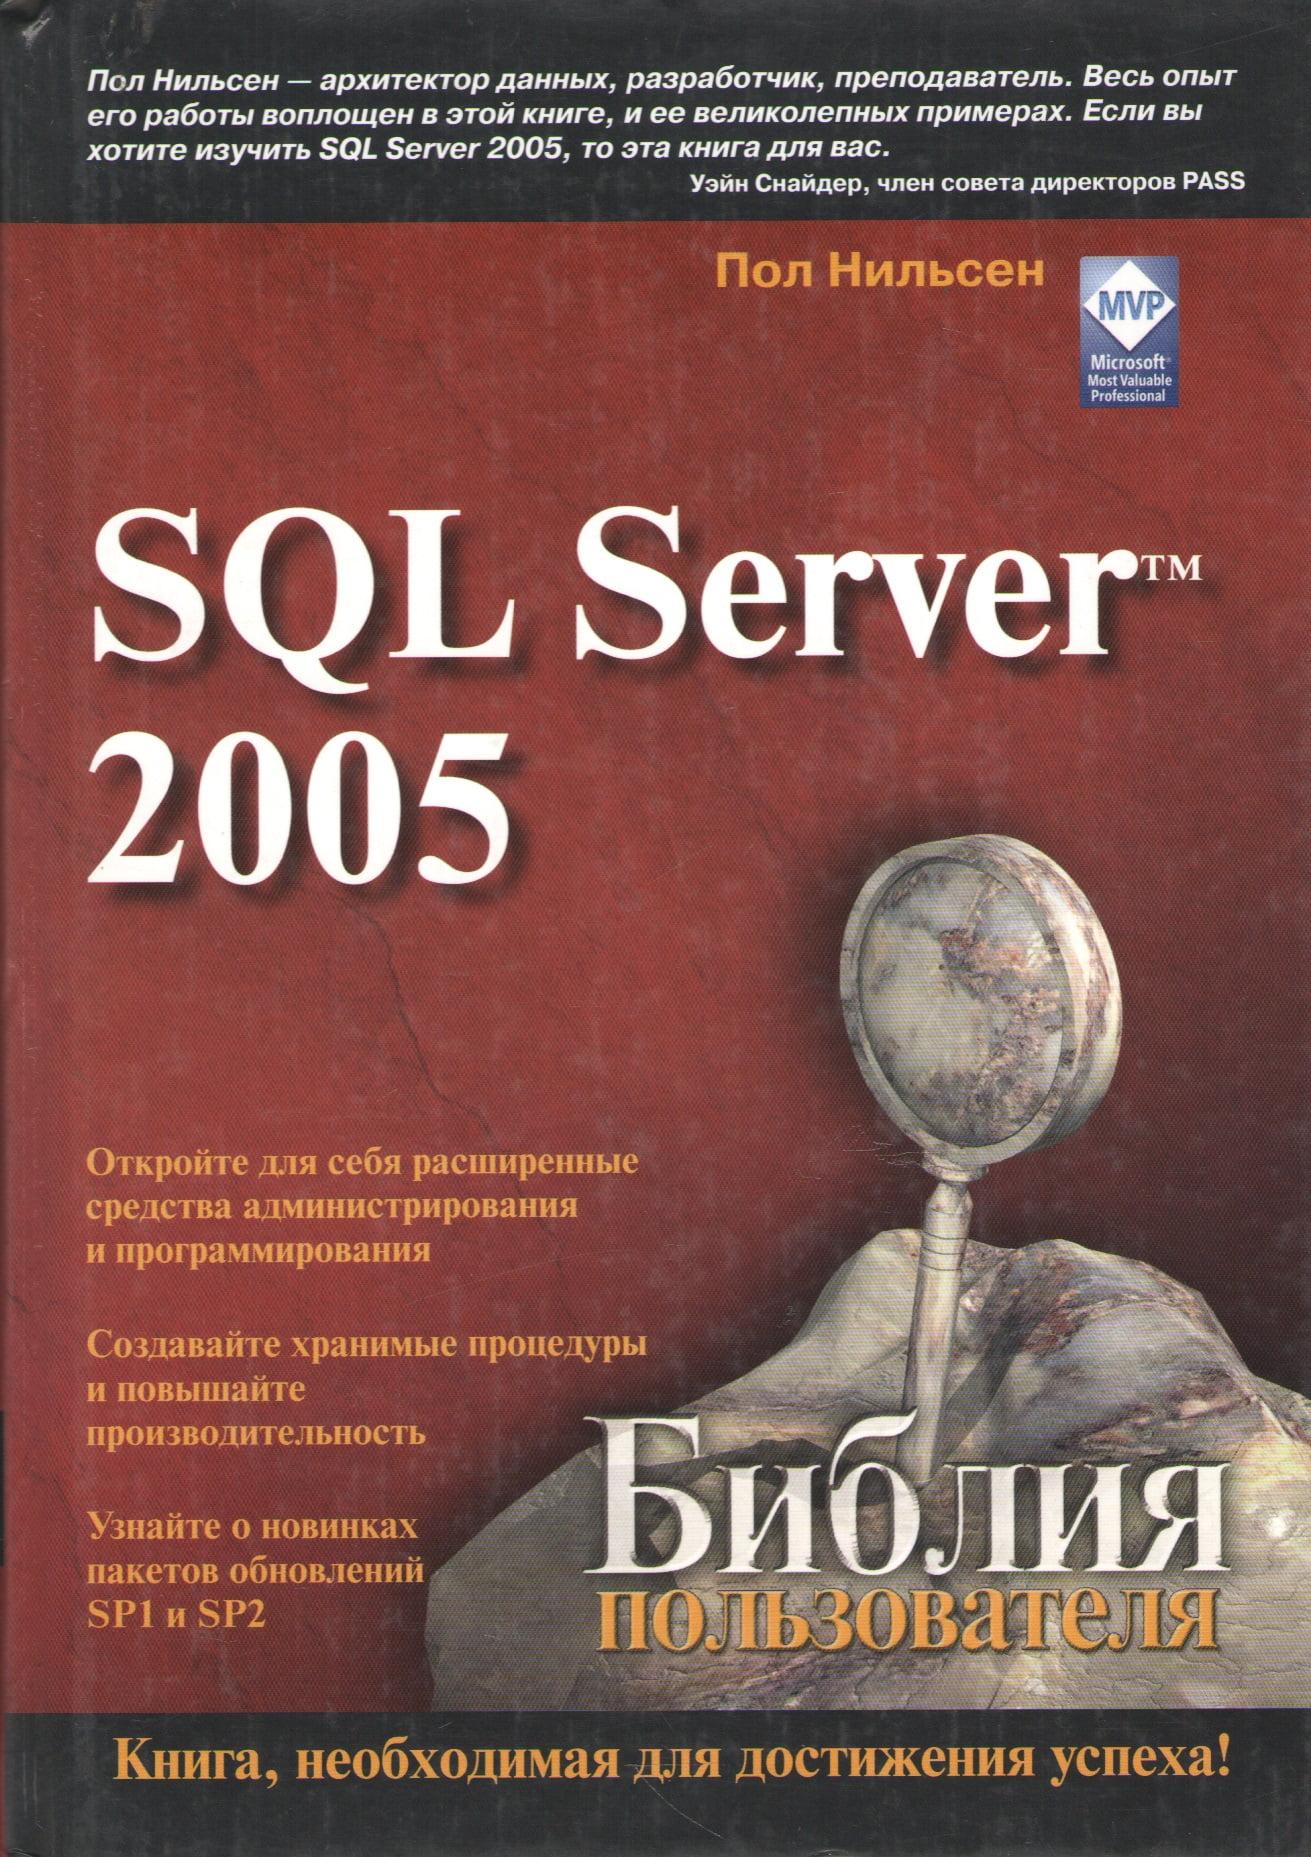 Microsoft+SQL+Server+2005.+%D0%91%D0%B8%D0%B1%D0%BB%D0%B8%D1%8F+%D0%BF%D0%BE%D0%BB%D1%8C%D0%B7%D0%BE%D0%B2%D0%B0%D1%82%D0%B5%D0%BB%D1%8F - фото 1